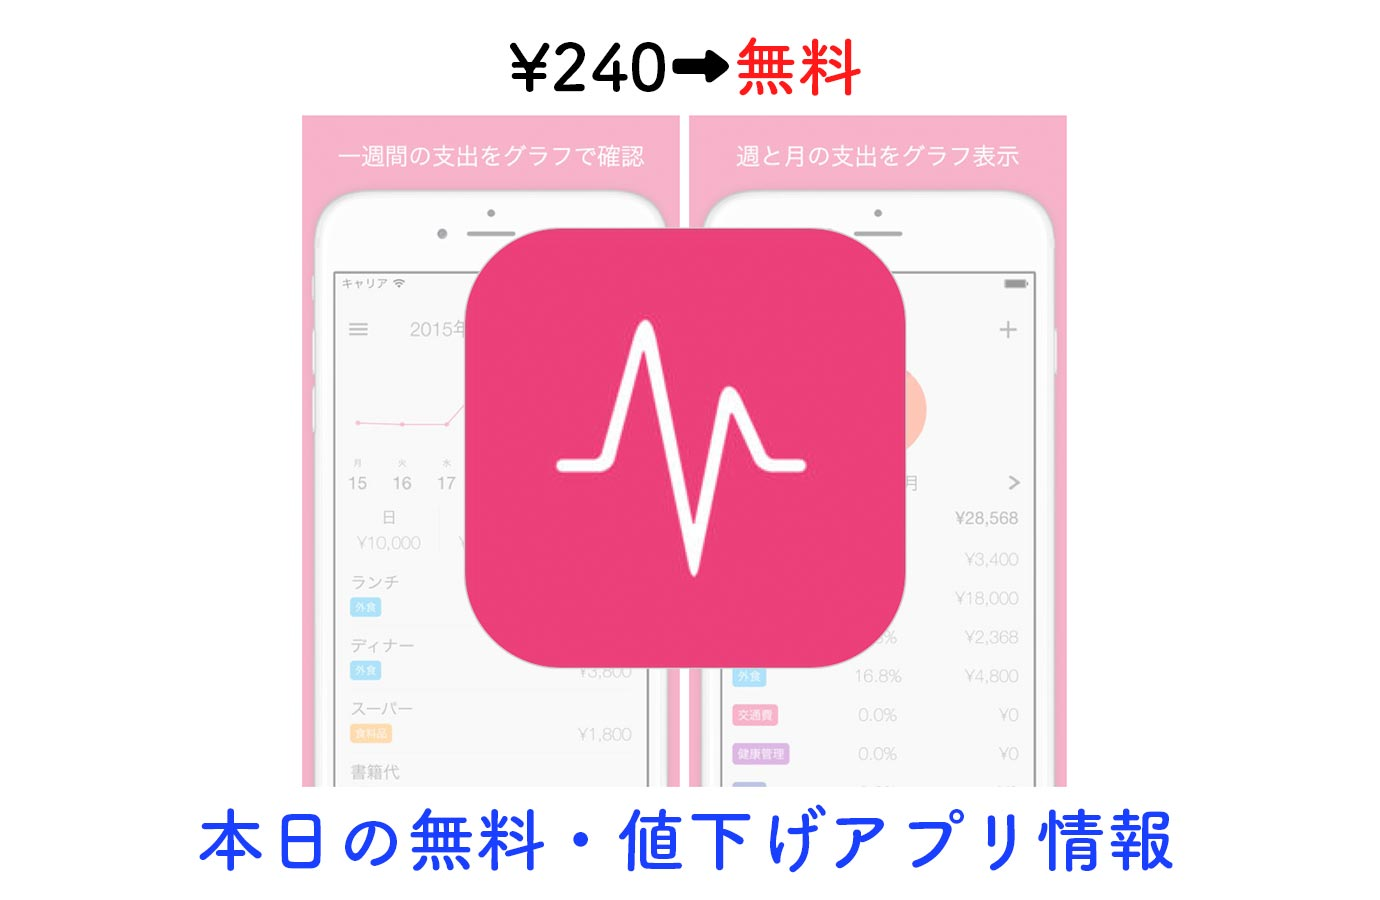 ¥240→無料、3つのグラフが分かりやすい支出管理アプリ「Spends」など【11/15】本日の無料・値下げアプリ情報